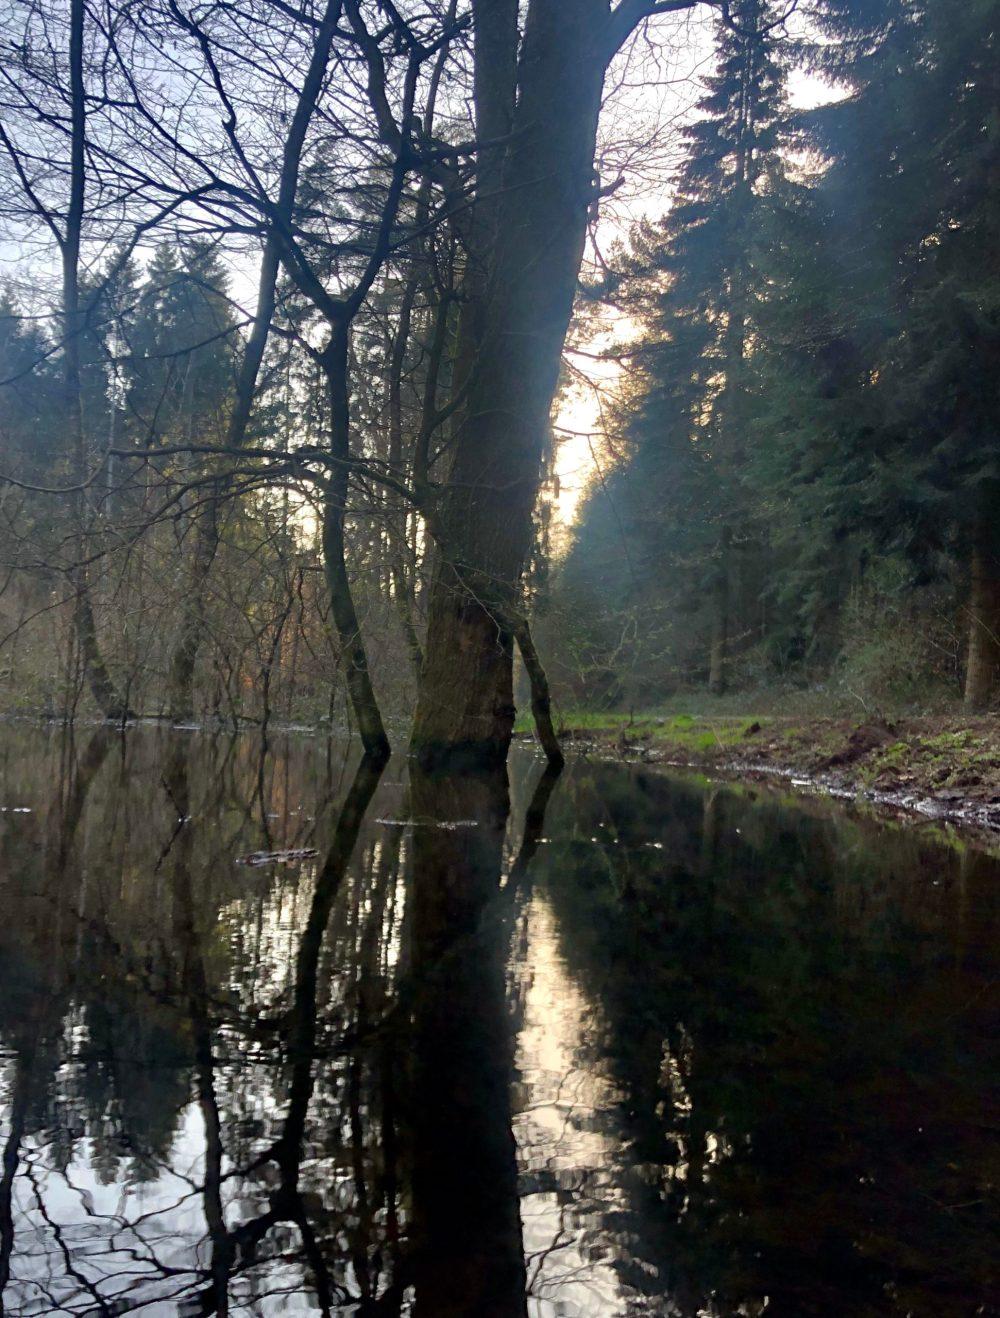 Bäume spiegeln sich in einem Gewässer im Wald